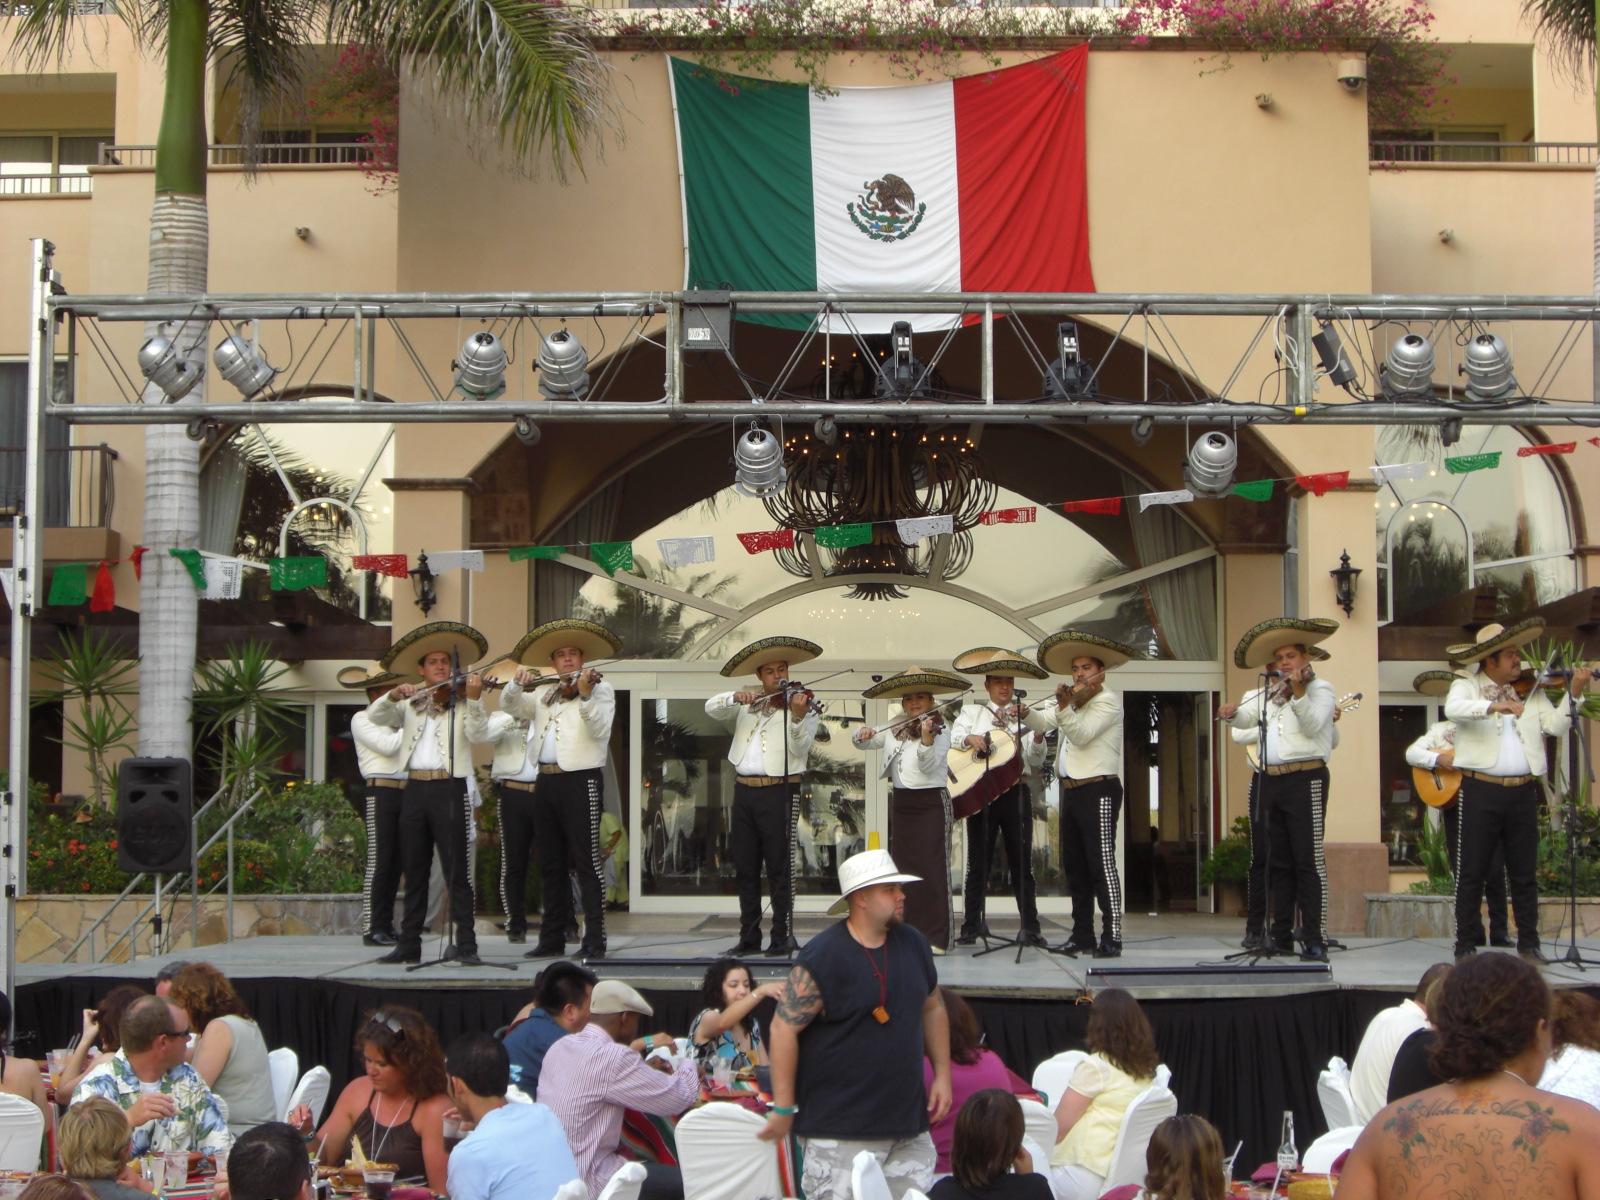 mariachi band performing